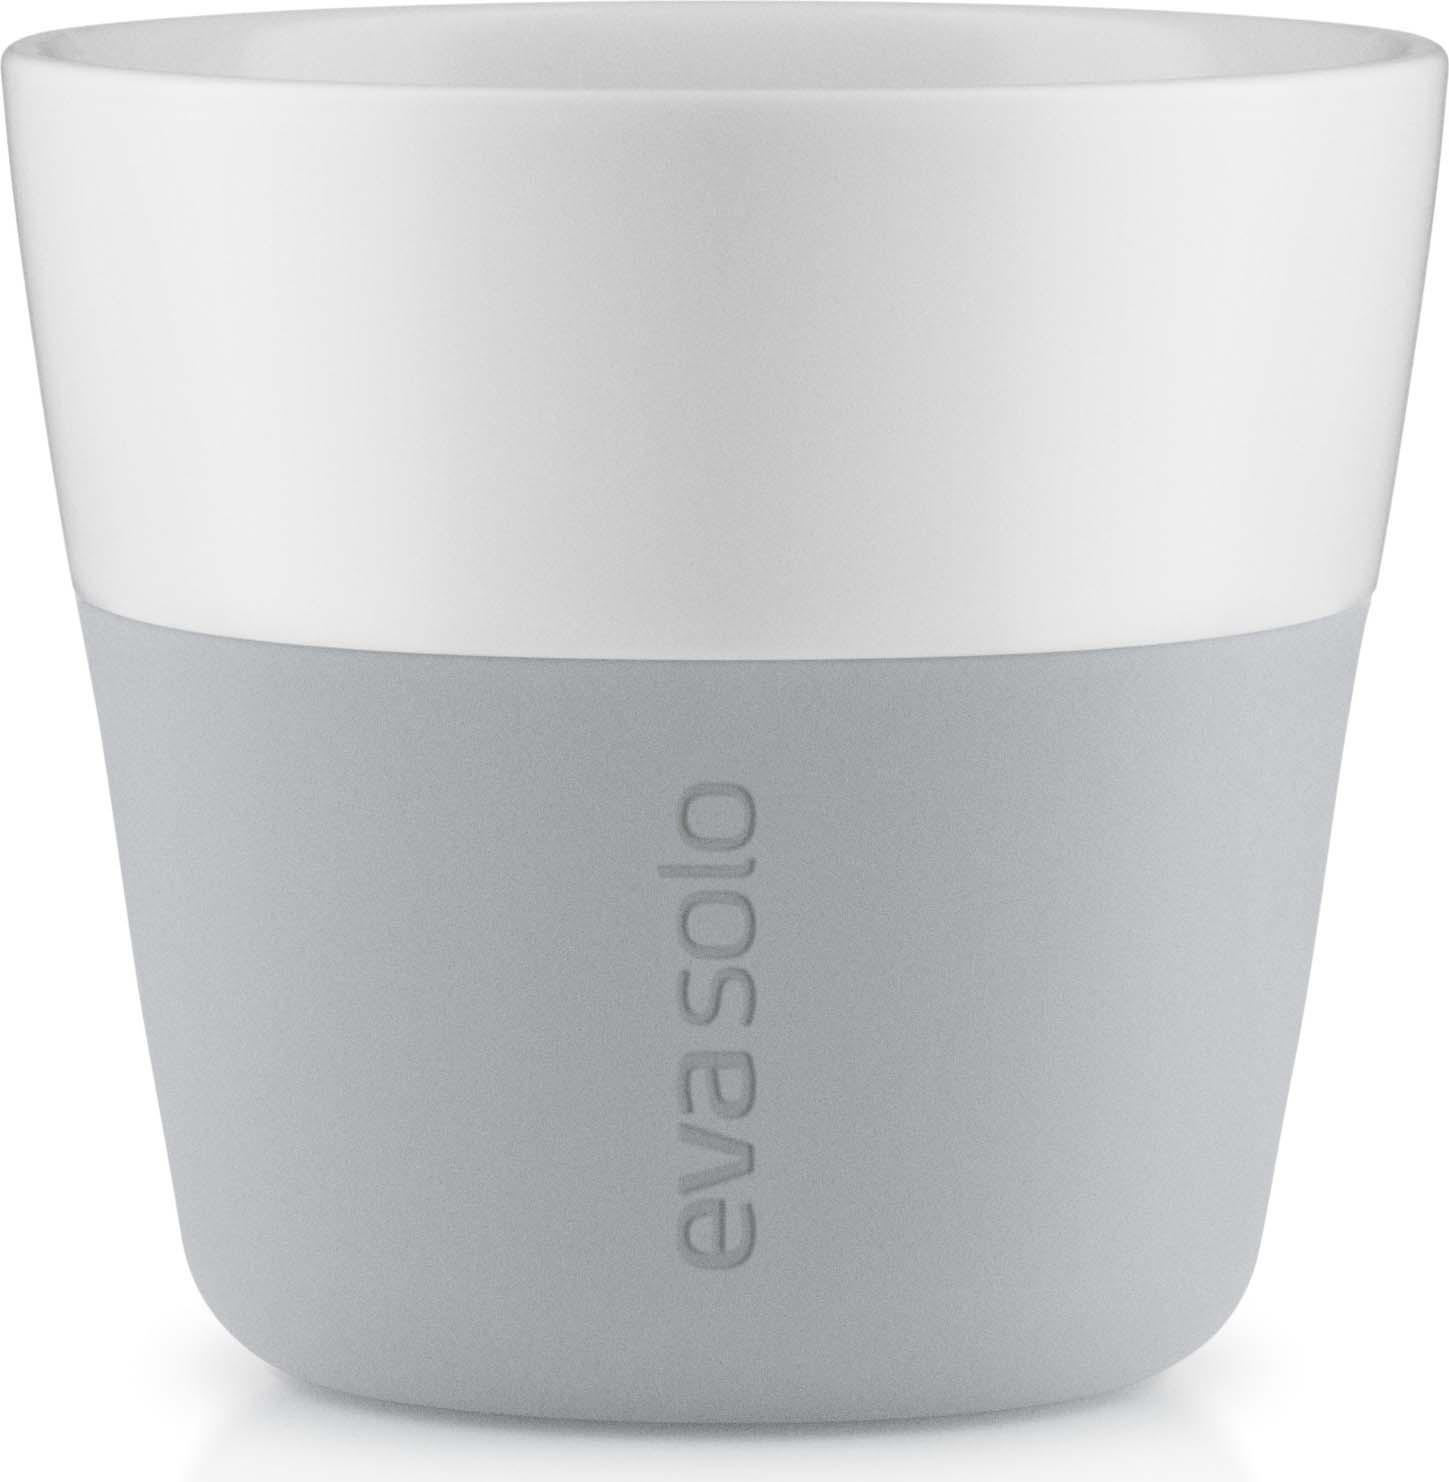 Чашки для лунго Eva Solo Lungo, 230 мл, 2 шт